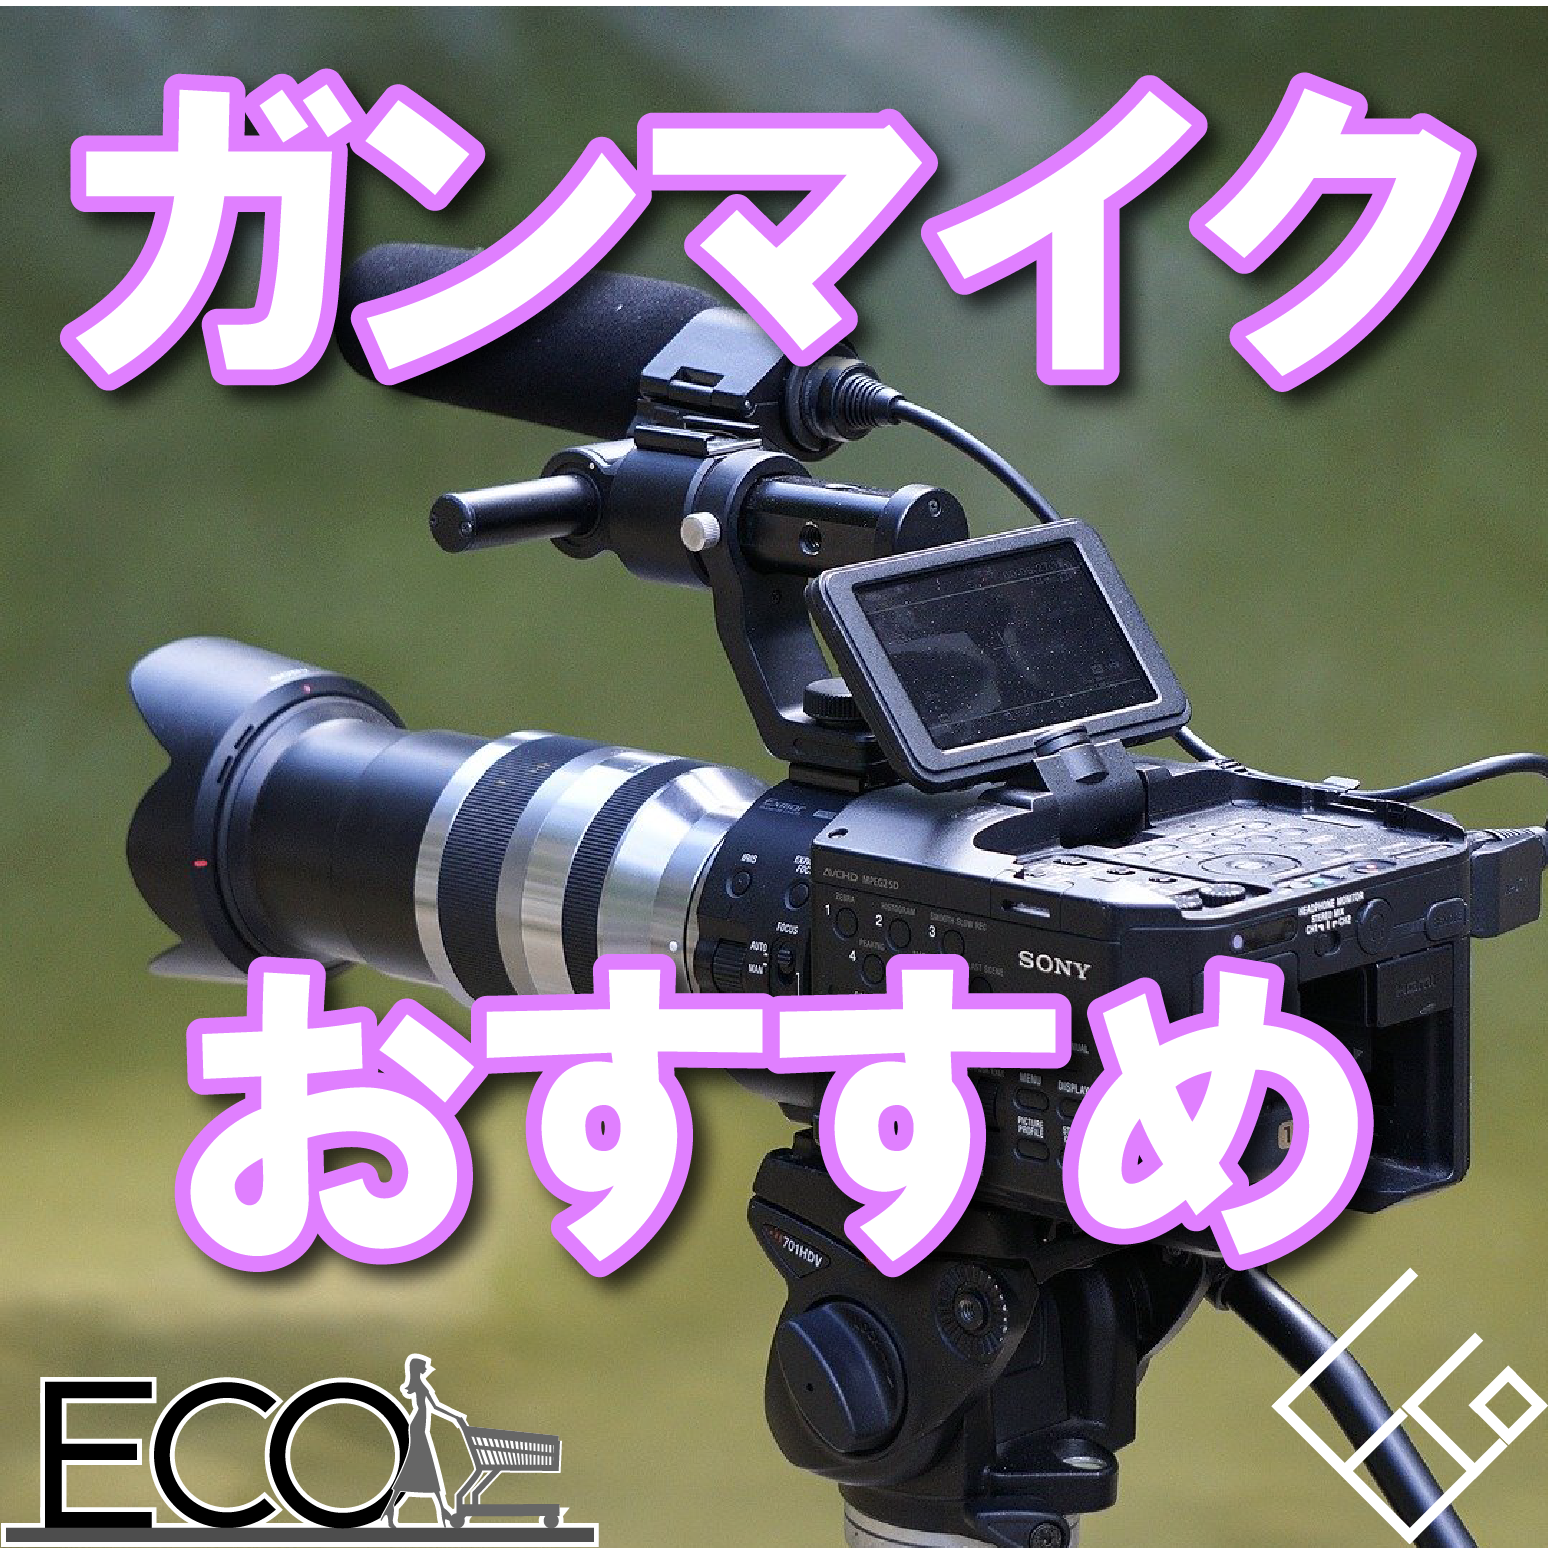 ガンマイクのおすすめ14選【YouTube配信/本格映画製作にも】